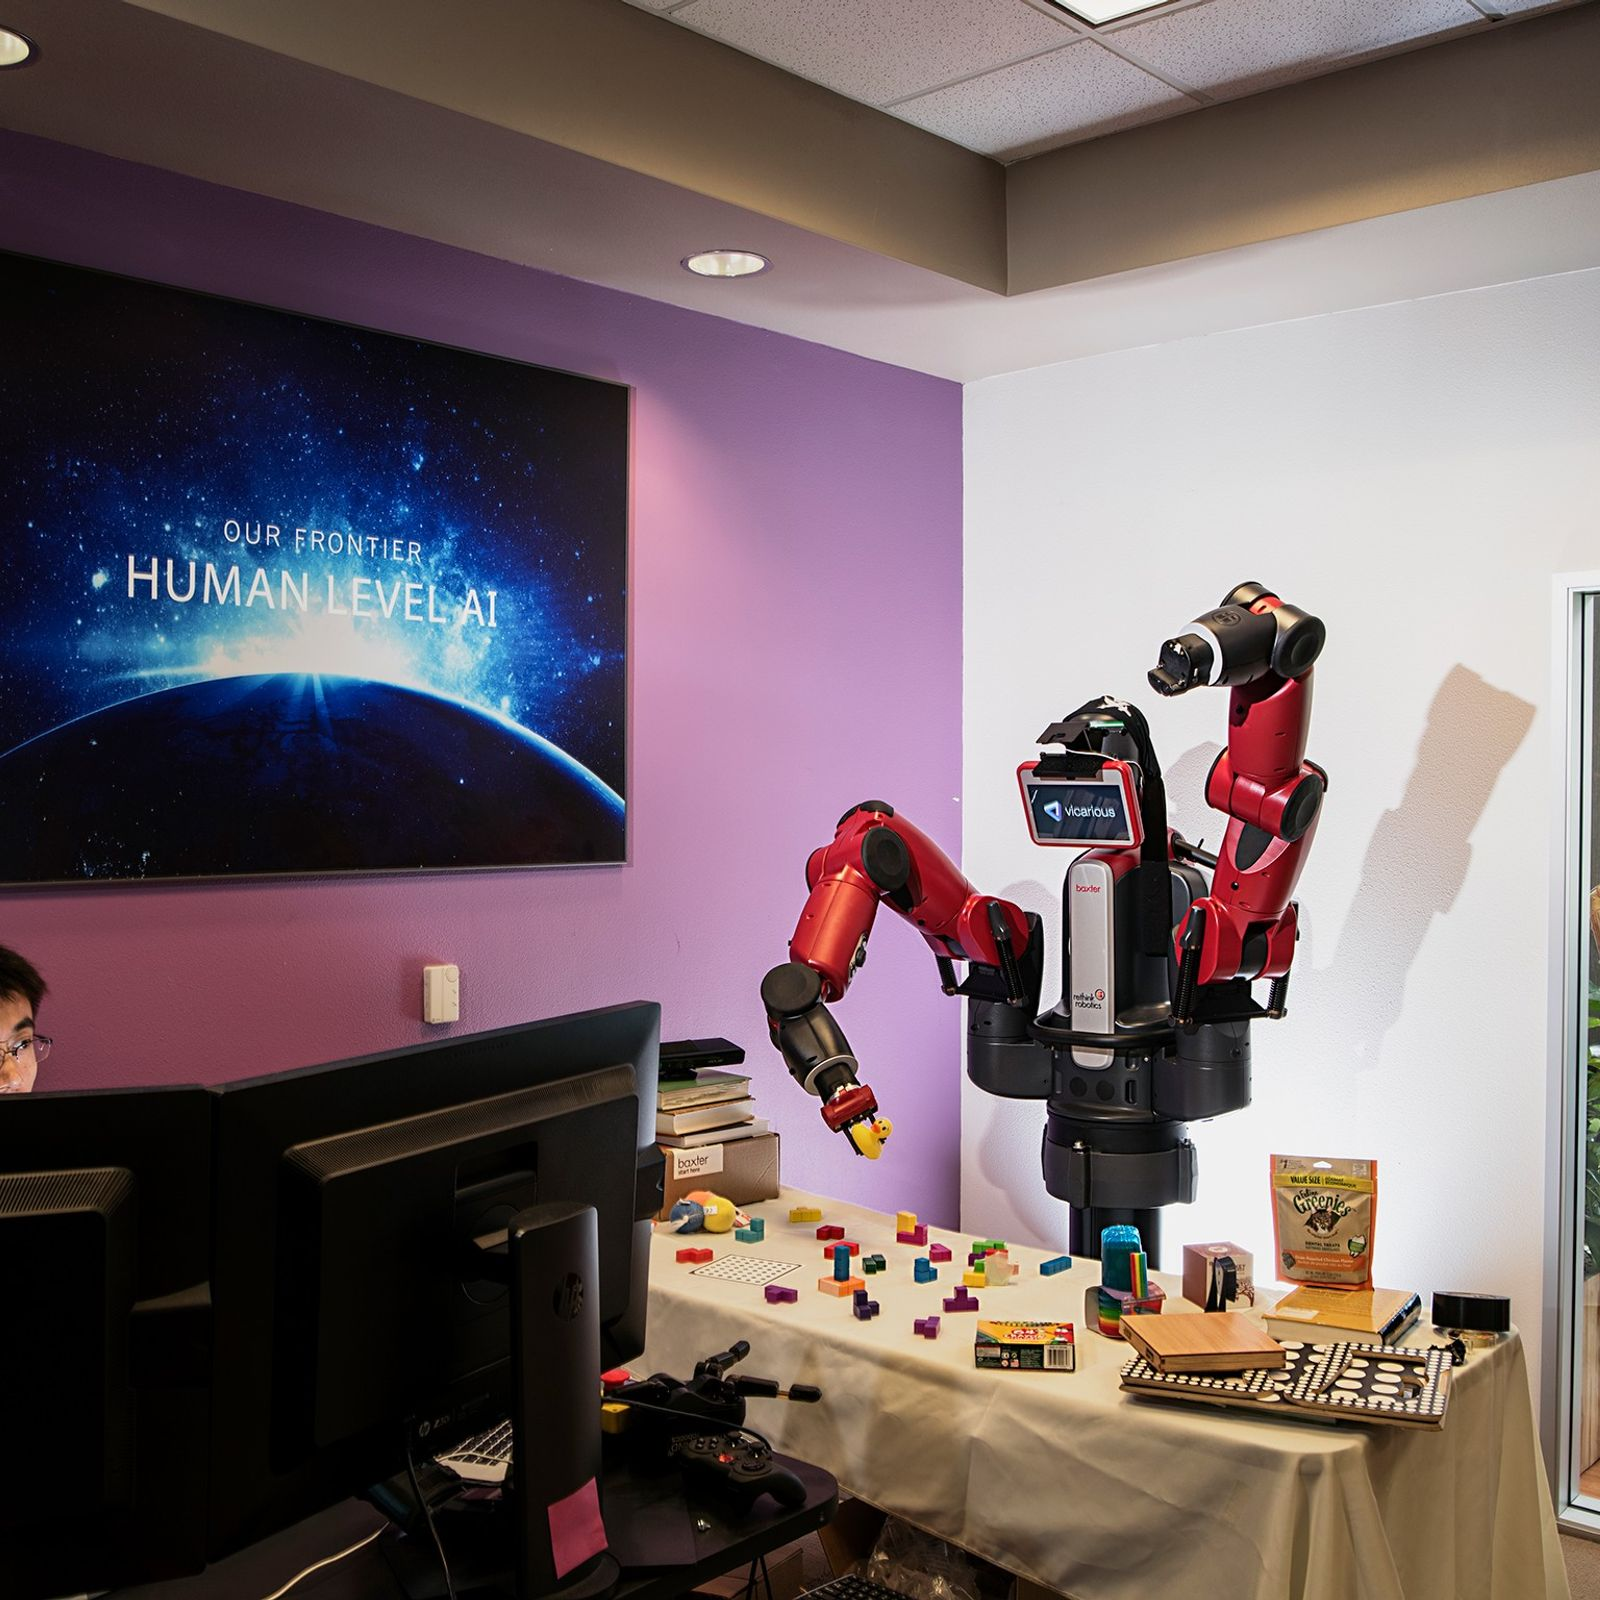 Einem Roboter wird beigebracht, Gegenstände zu erkennen und zu handhaben. Mit der Verbesserung künstlicher Intelligenzen wird ...